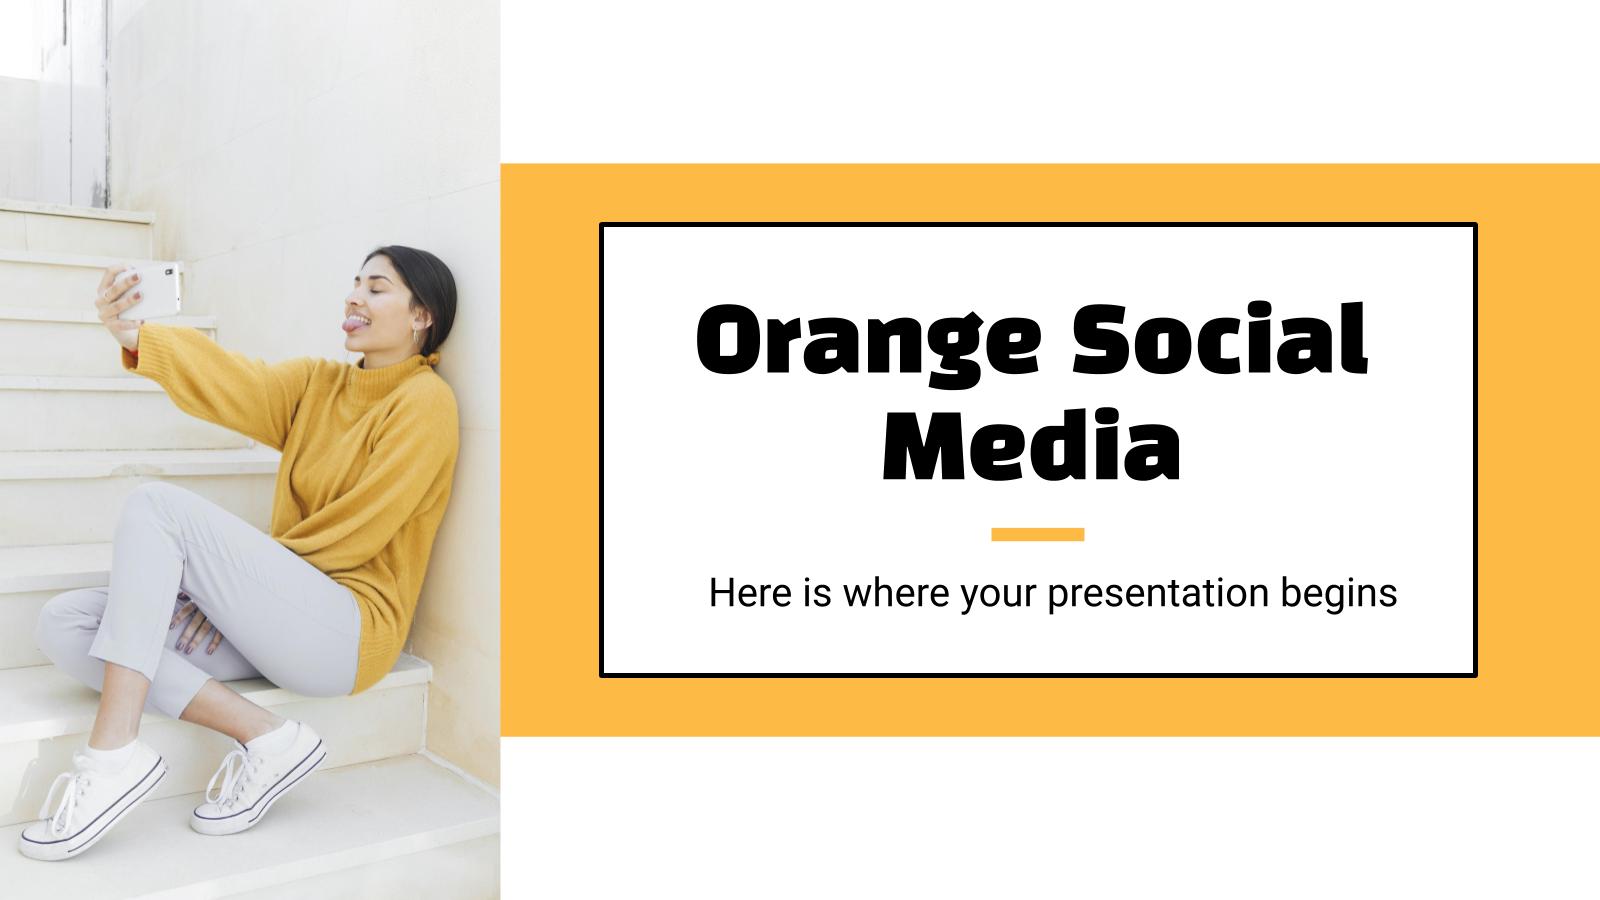 Modelo de apresentação Estratégia de mídia social laranja